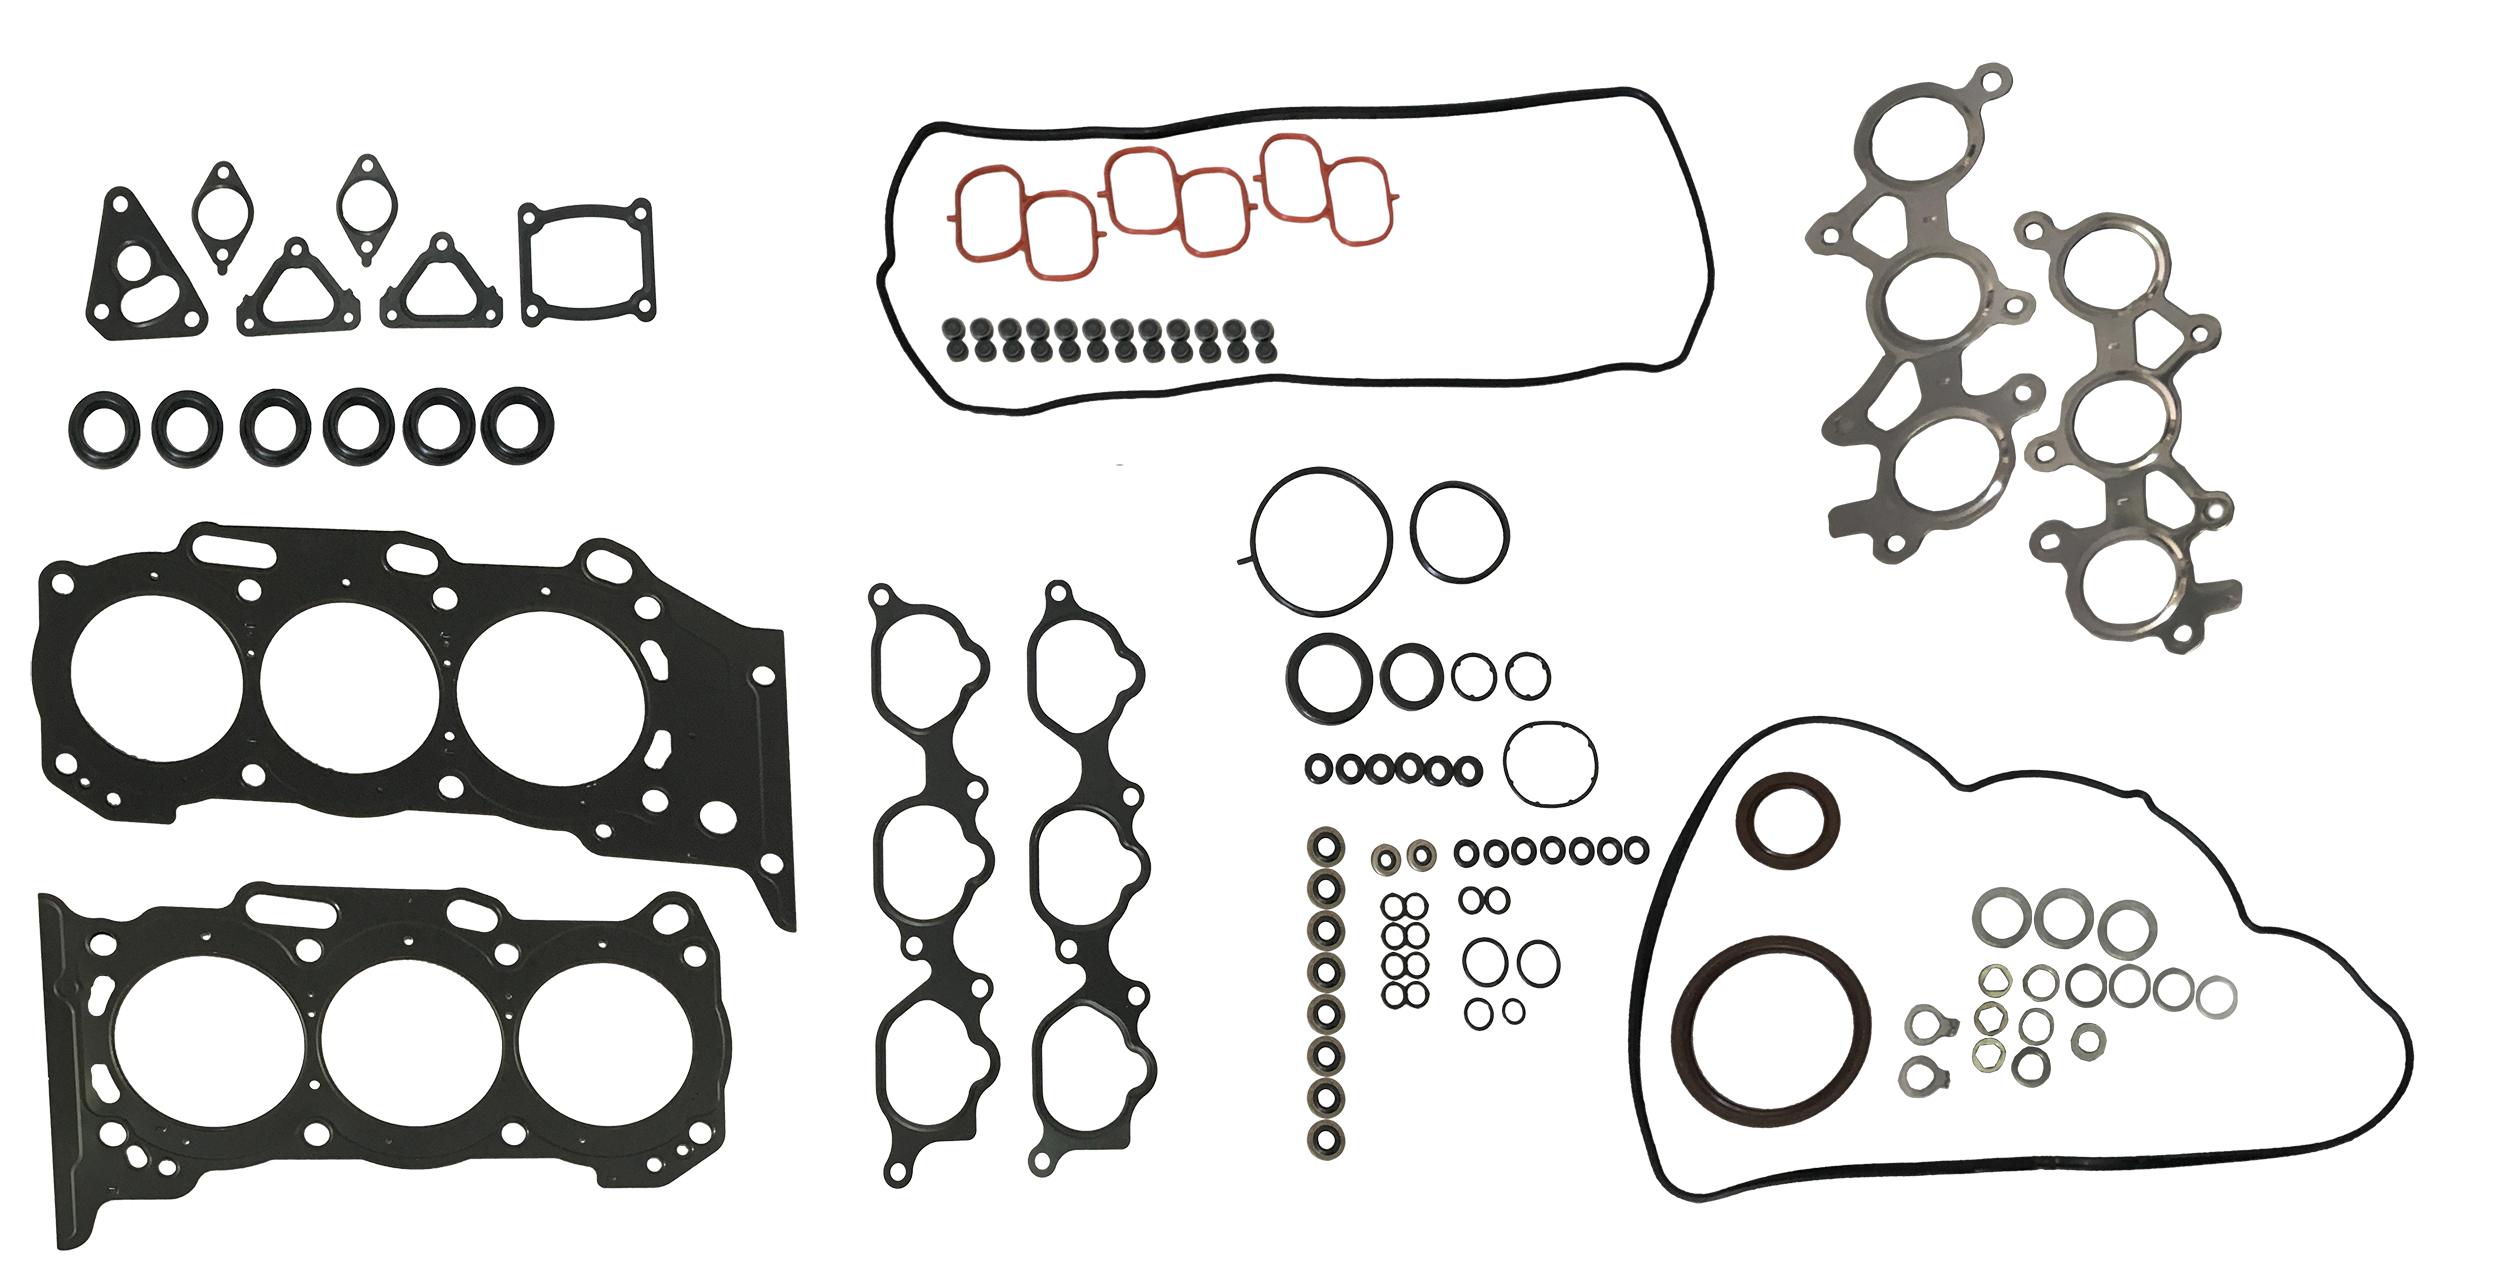 Zylinderkopfdichtung Dichtungssatz Lexus GS 450H 3,5 V6 2GR-FSE 04111-31600 NEU